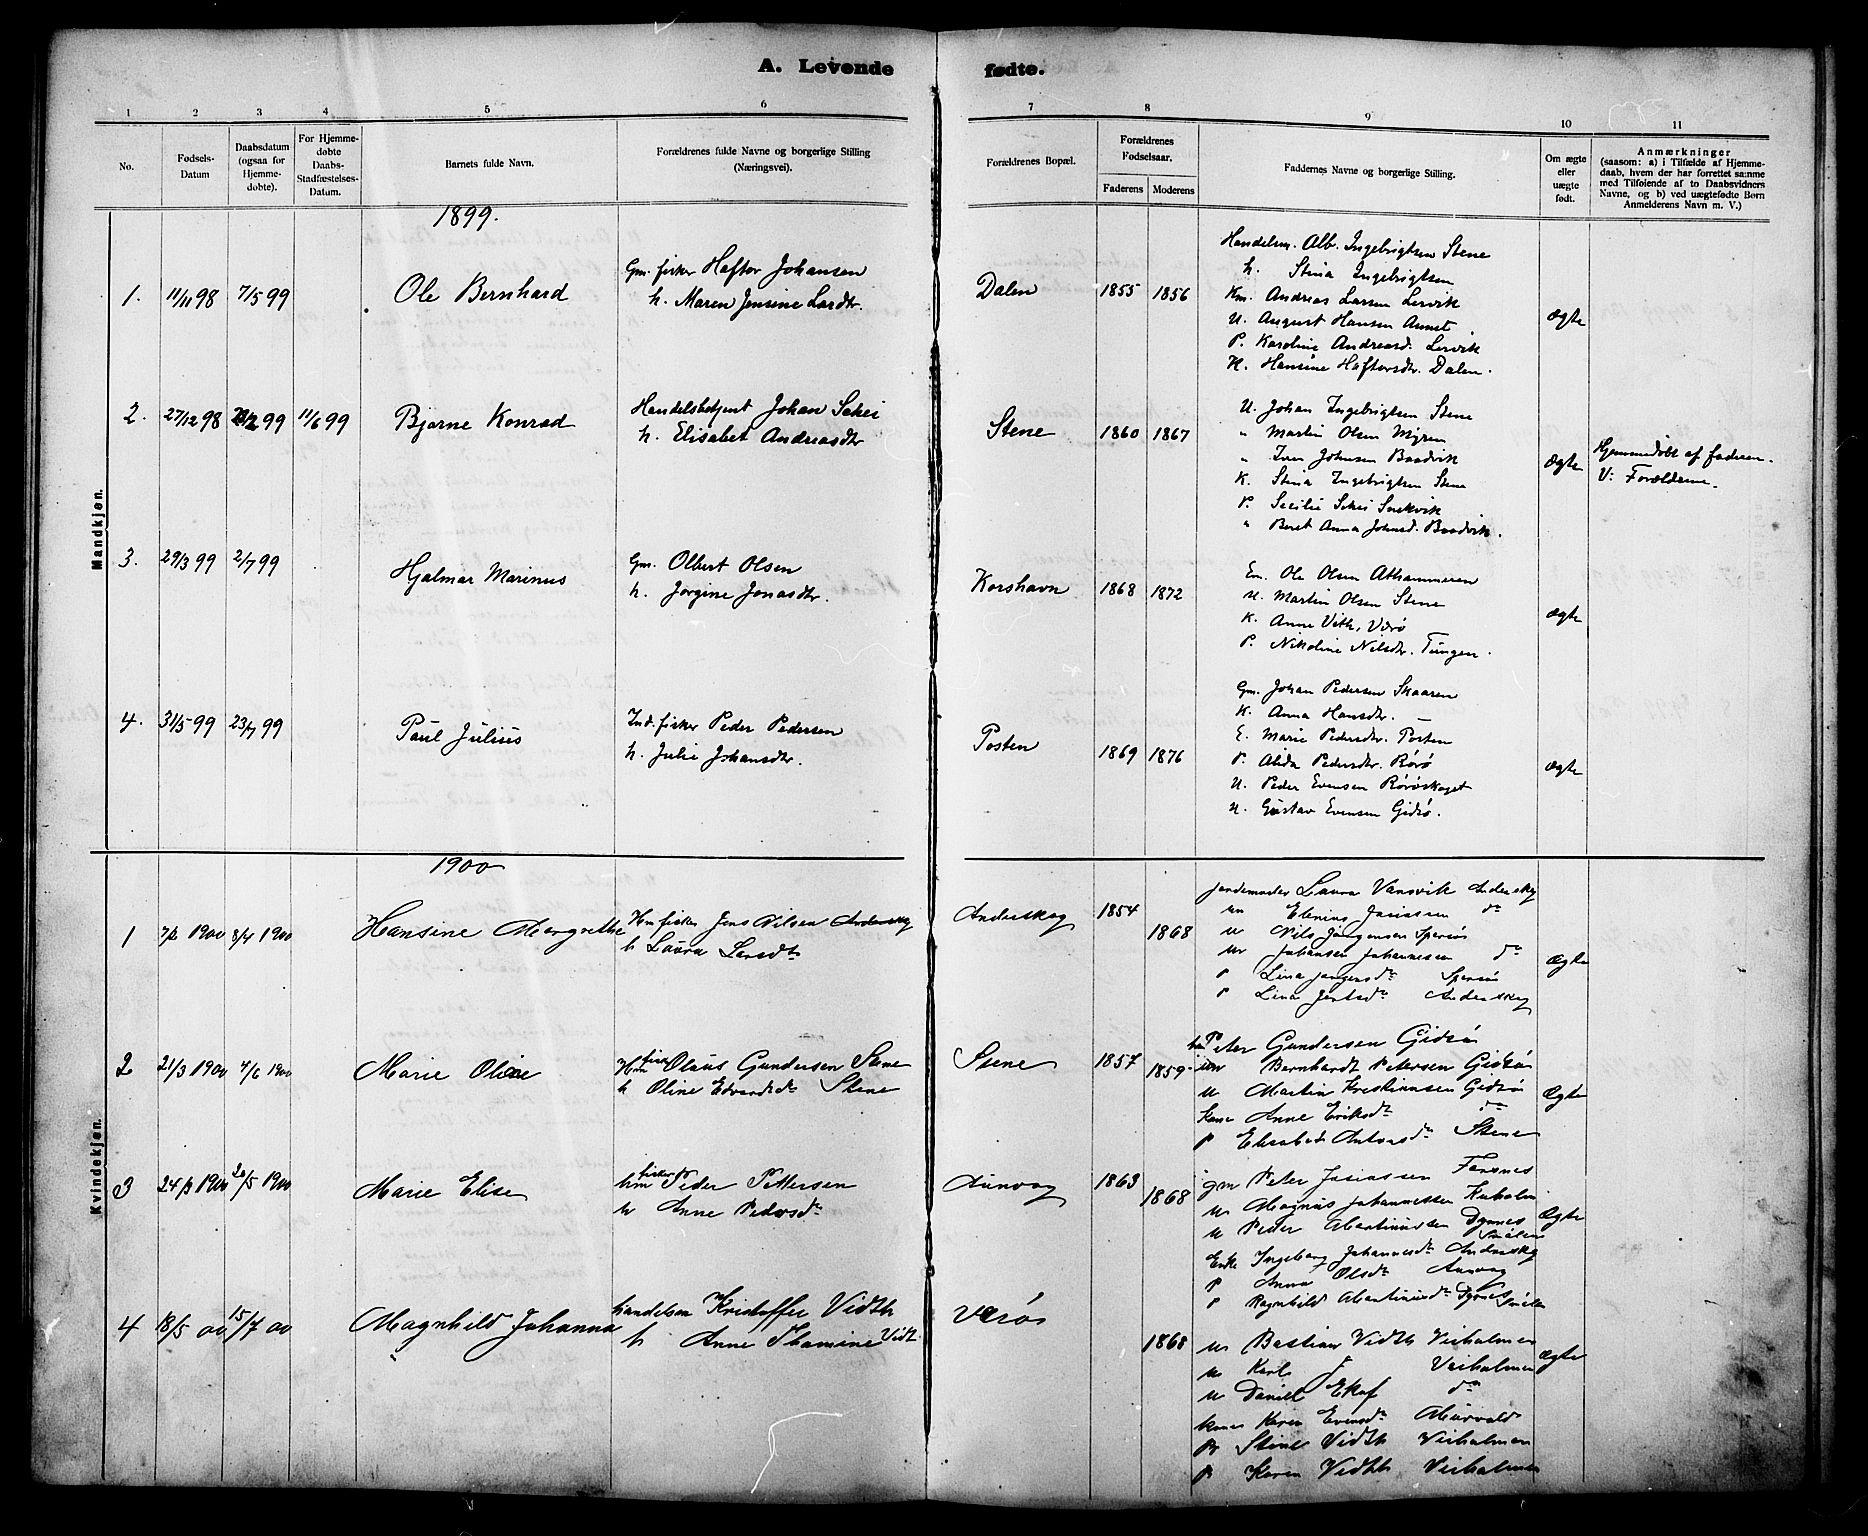 SAT, Ministerialprotokoller, klokkerbøker og fødselsregistre - Sør-Trøndelag, 635/L0553: Klokkerbok nr. 635C01, 1898-1919